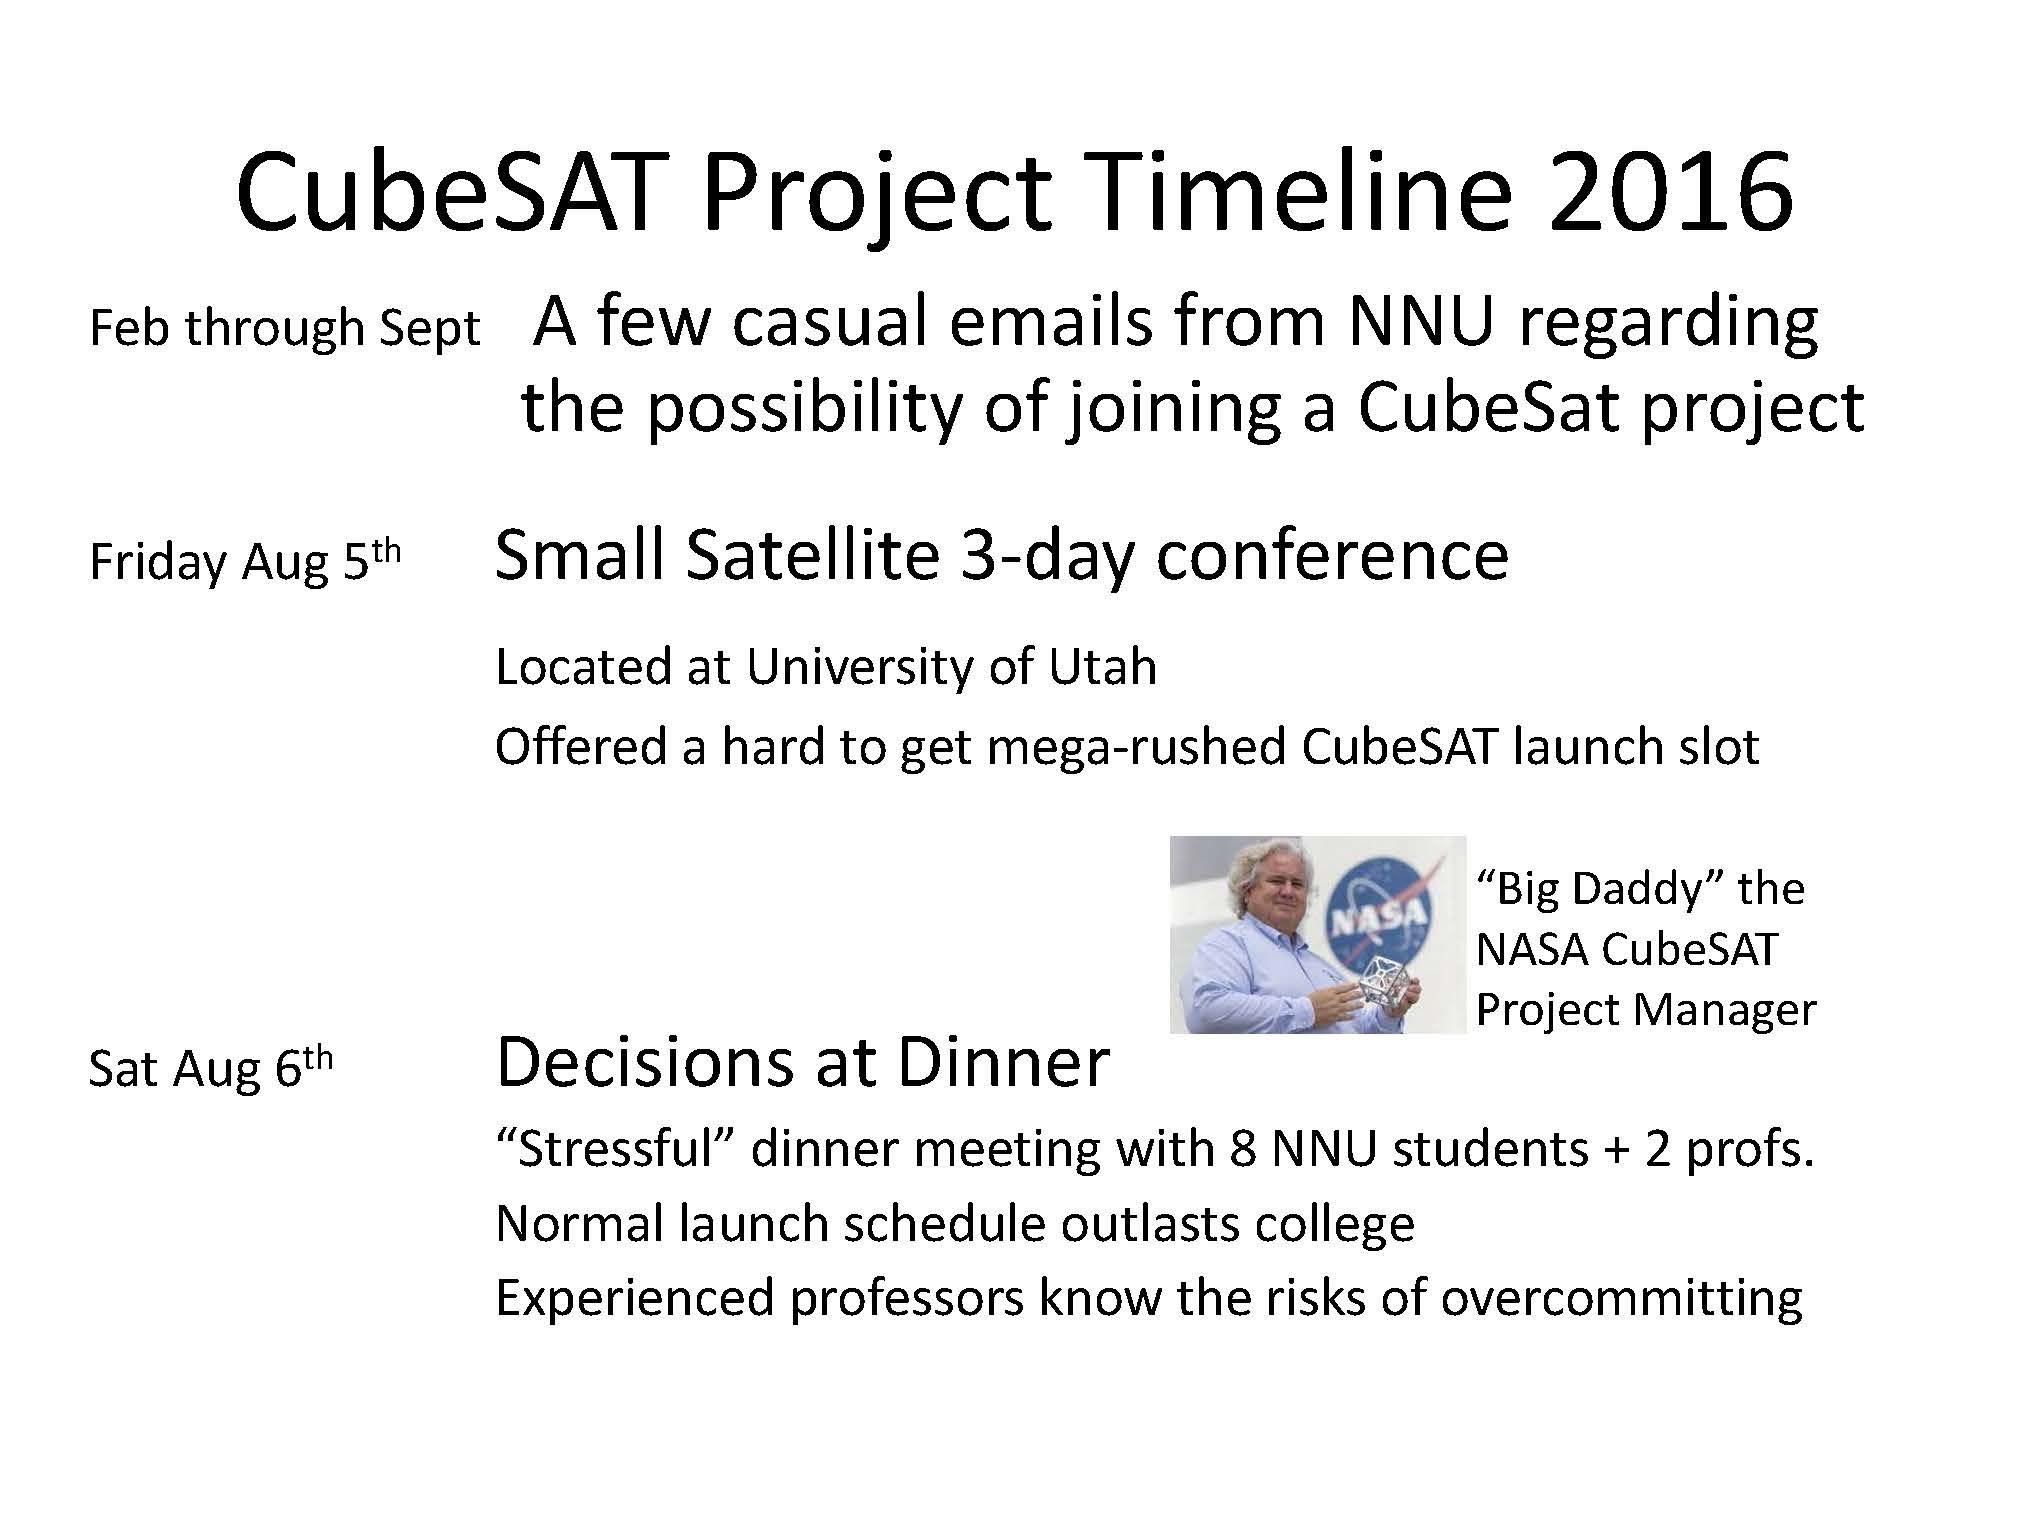 CubeSAT project timeline 2016